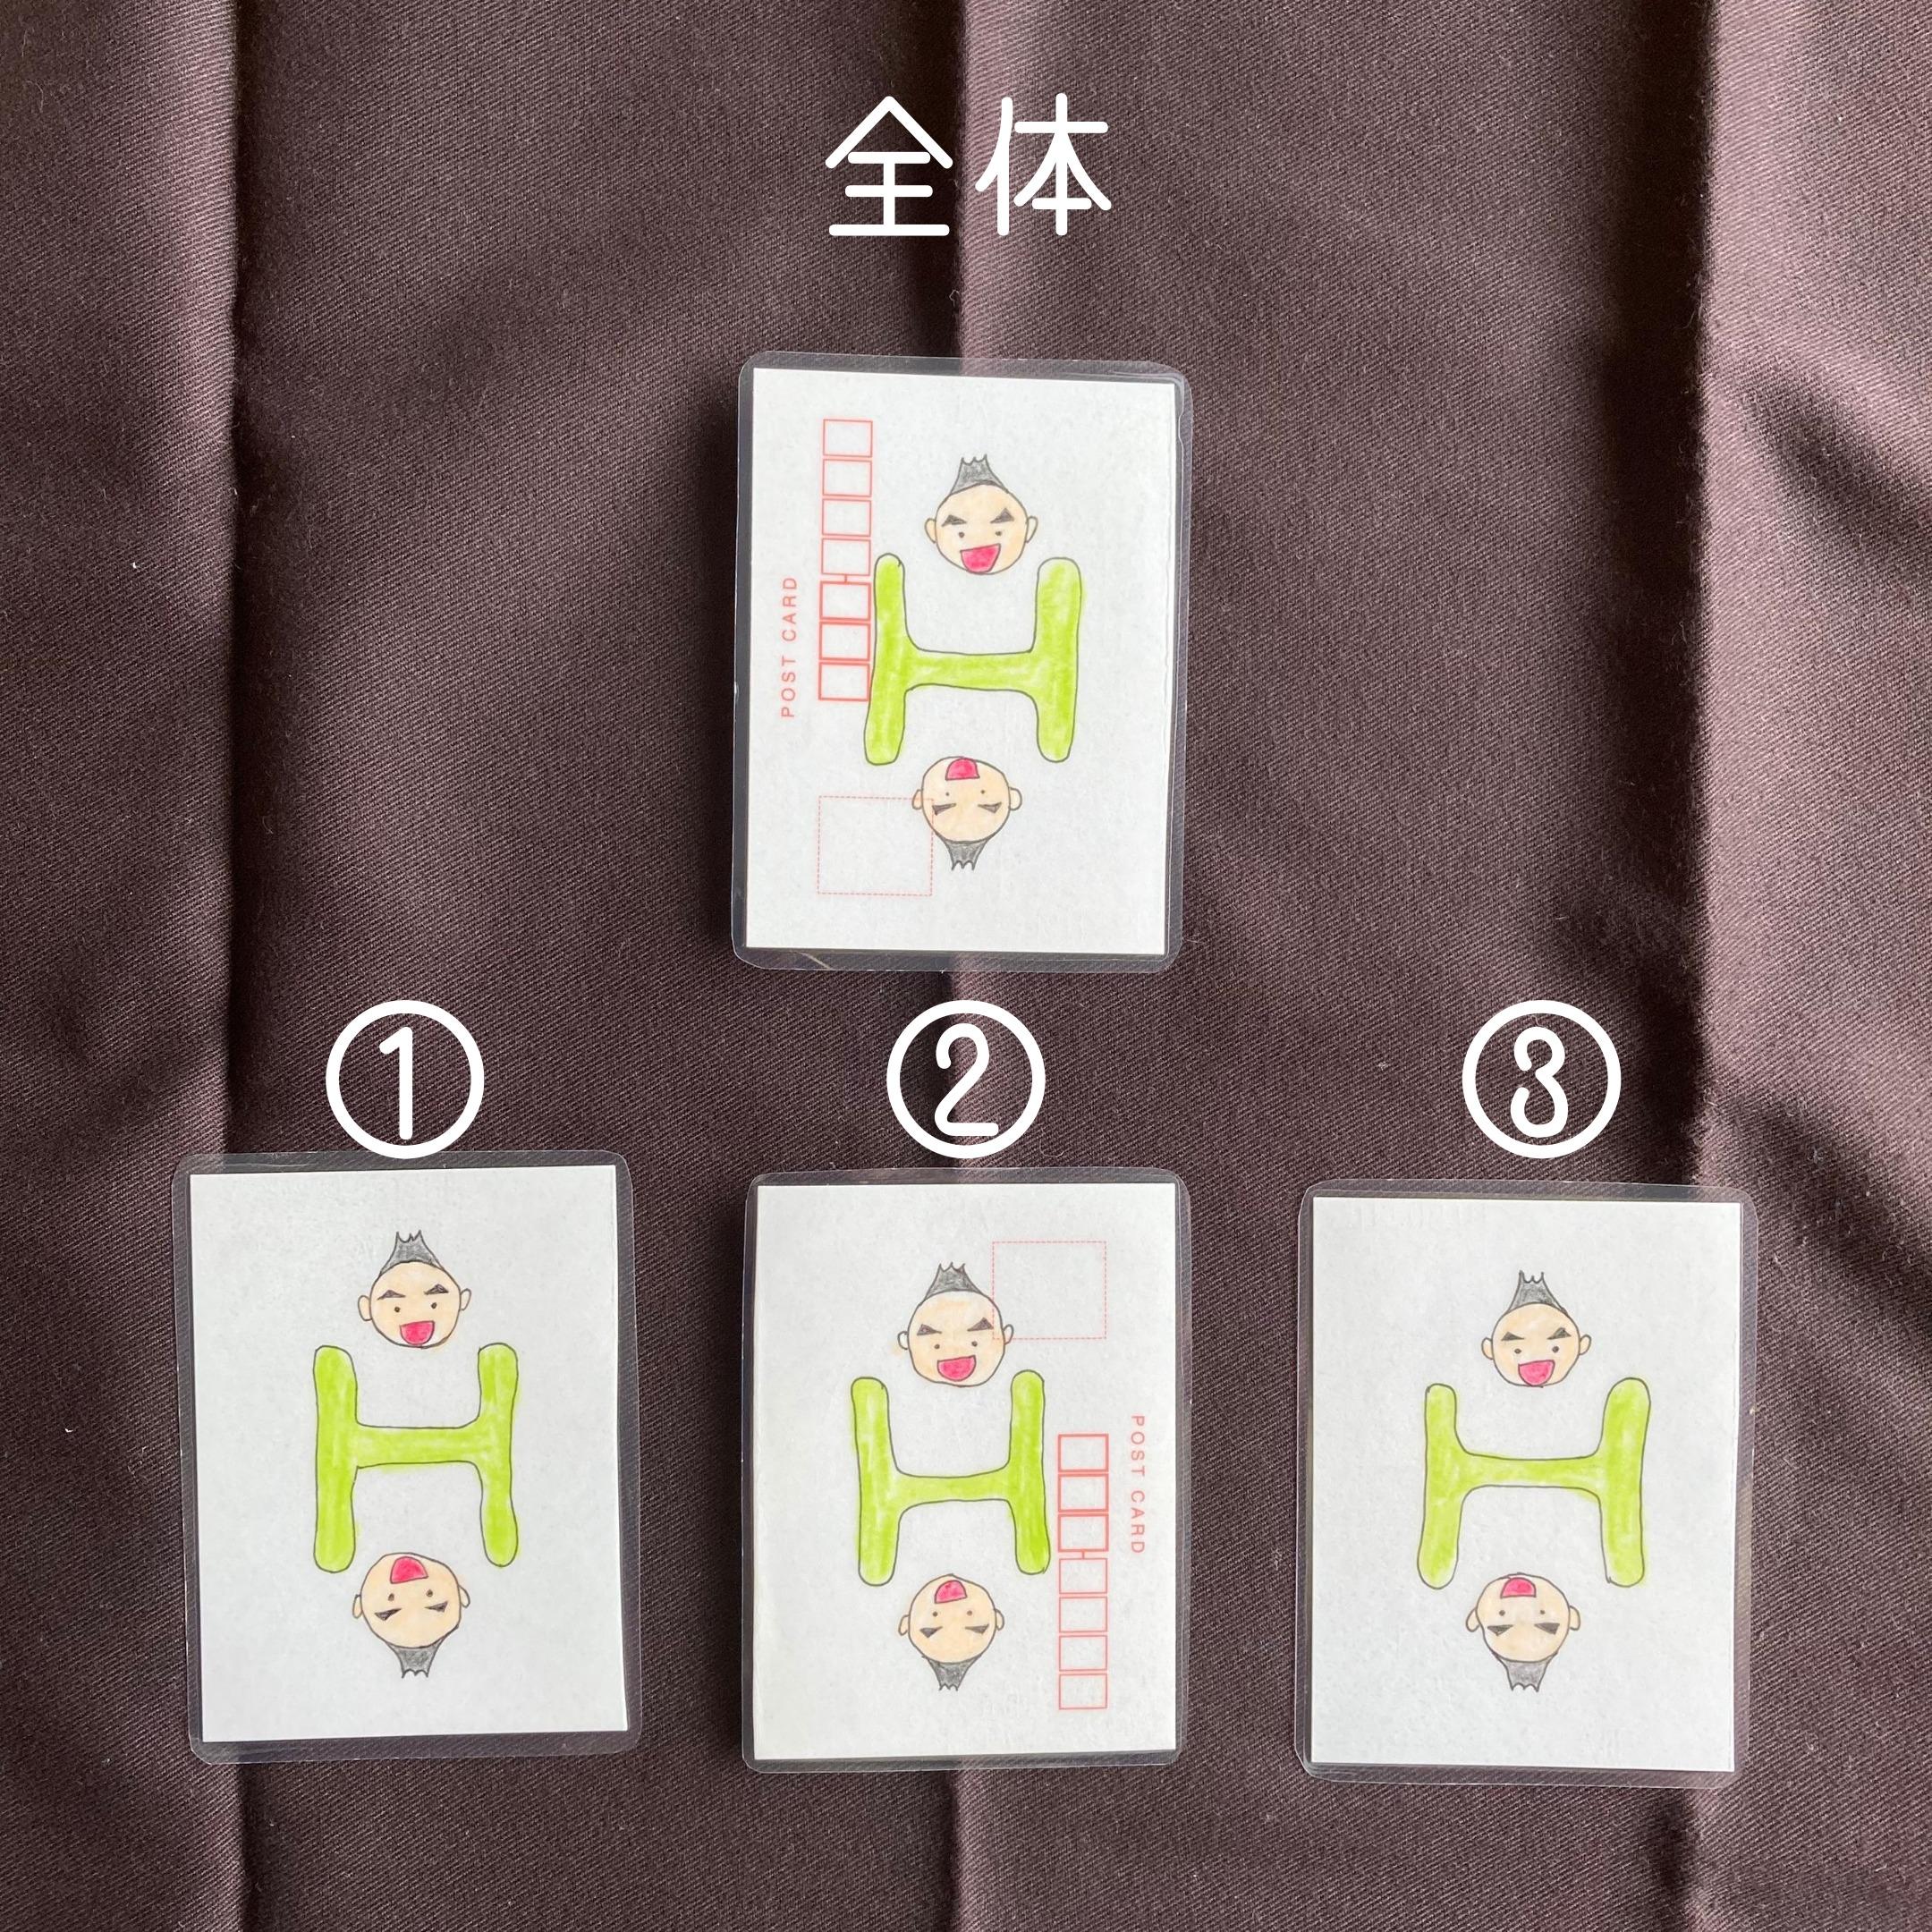 8.力 (精神) 正位置:前向き 逆位置:後ろ向き